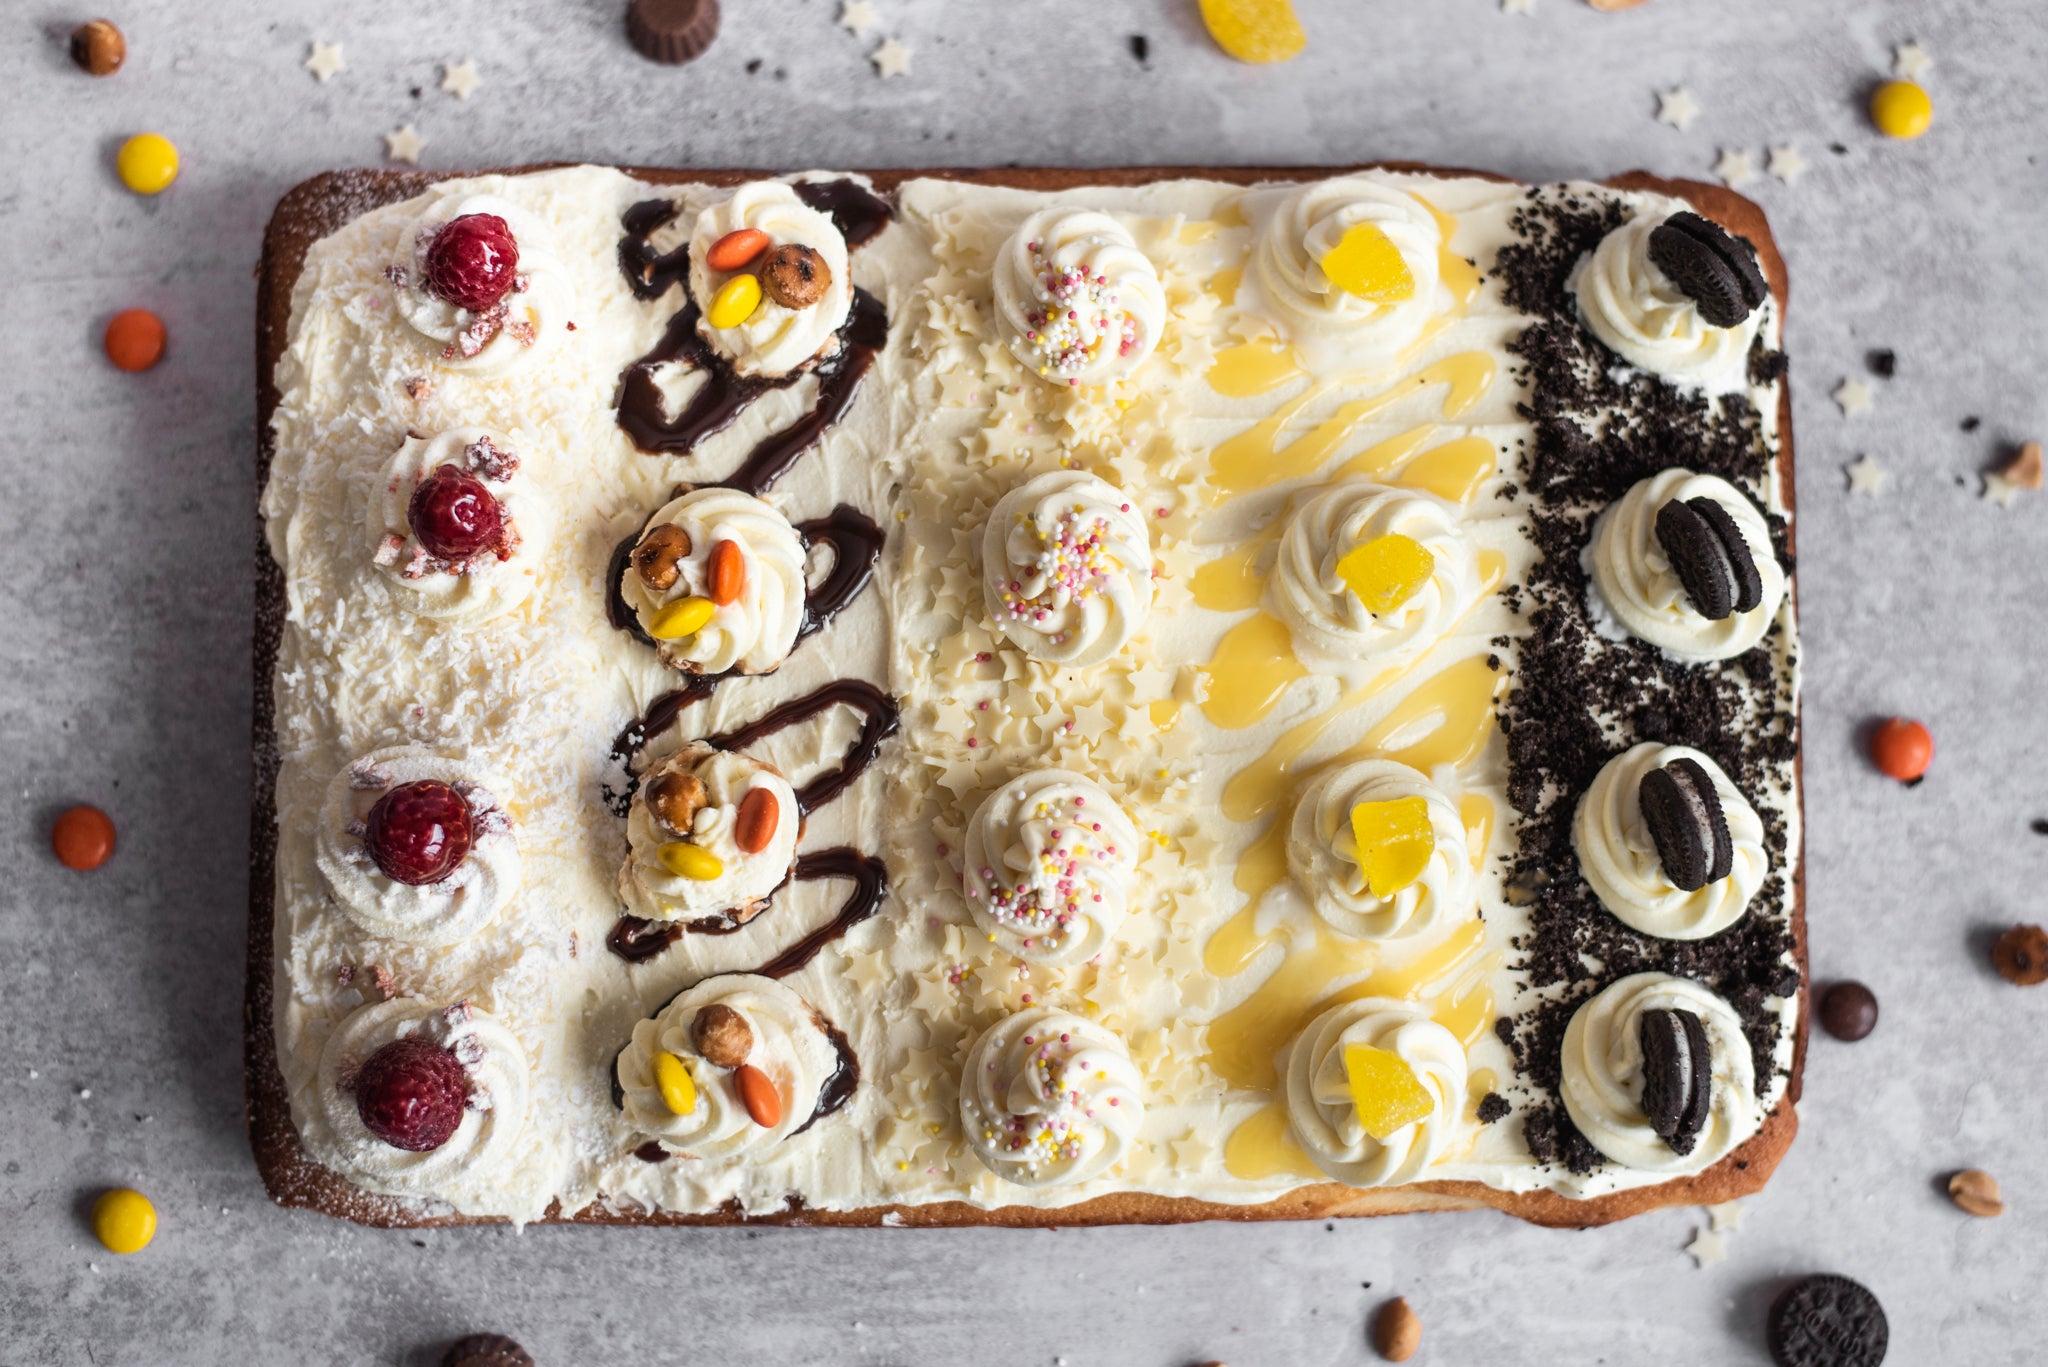 Party Tray Bake